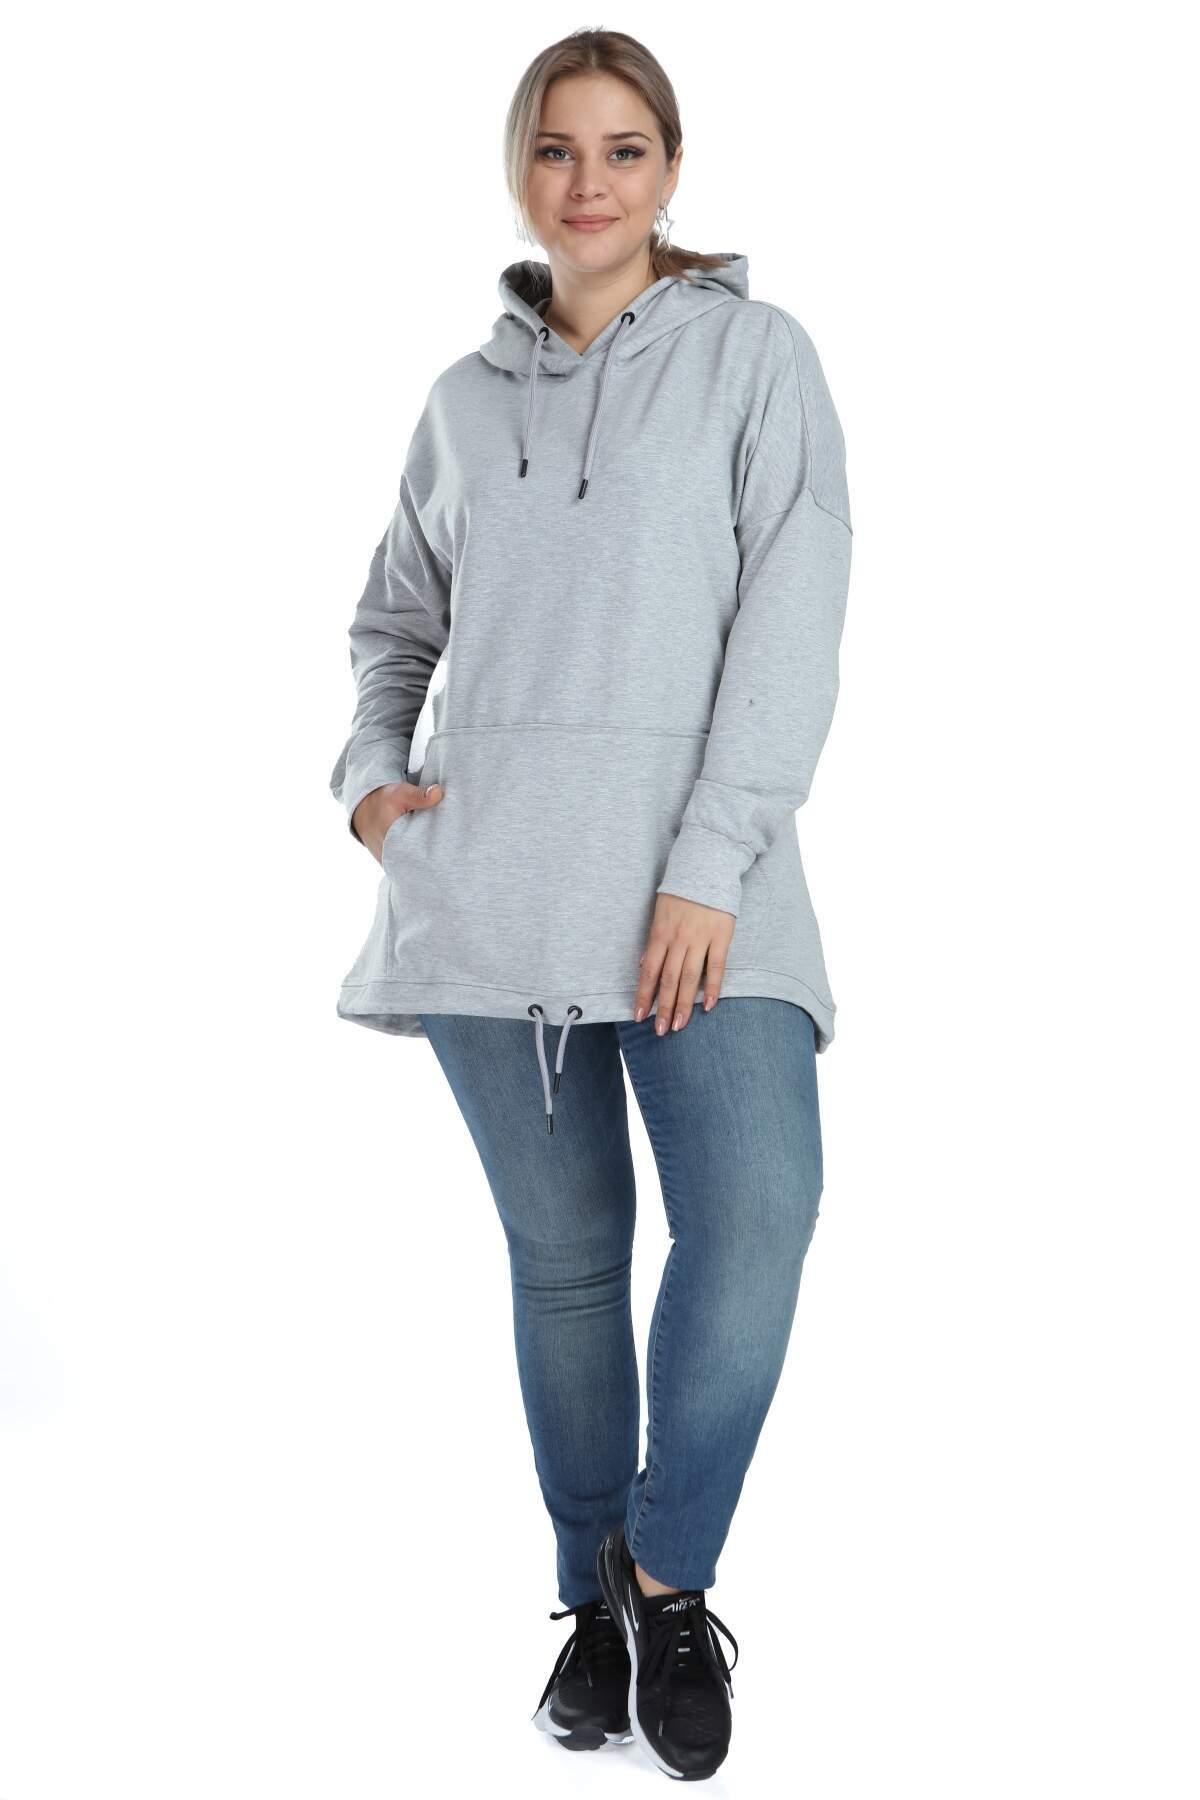 Angelino Büyük Beden Spor Giyim Kapüşonlu Üst Sweat 2546